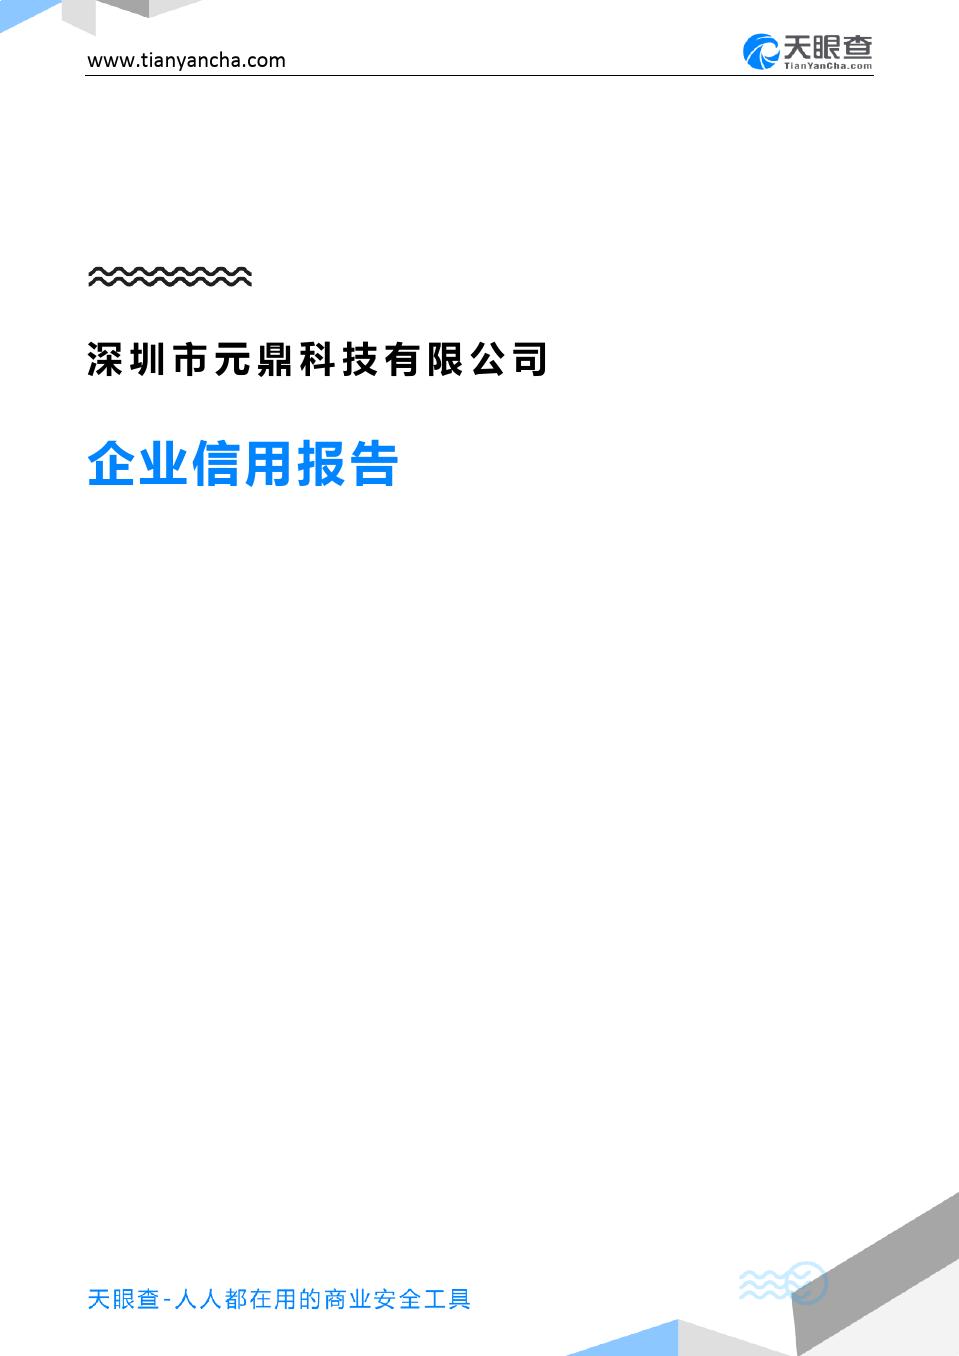 深圳市元鼎科技有限公司(企业信用报告)- 天眼查